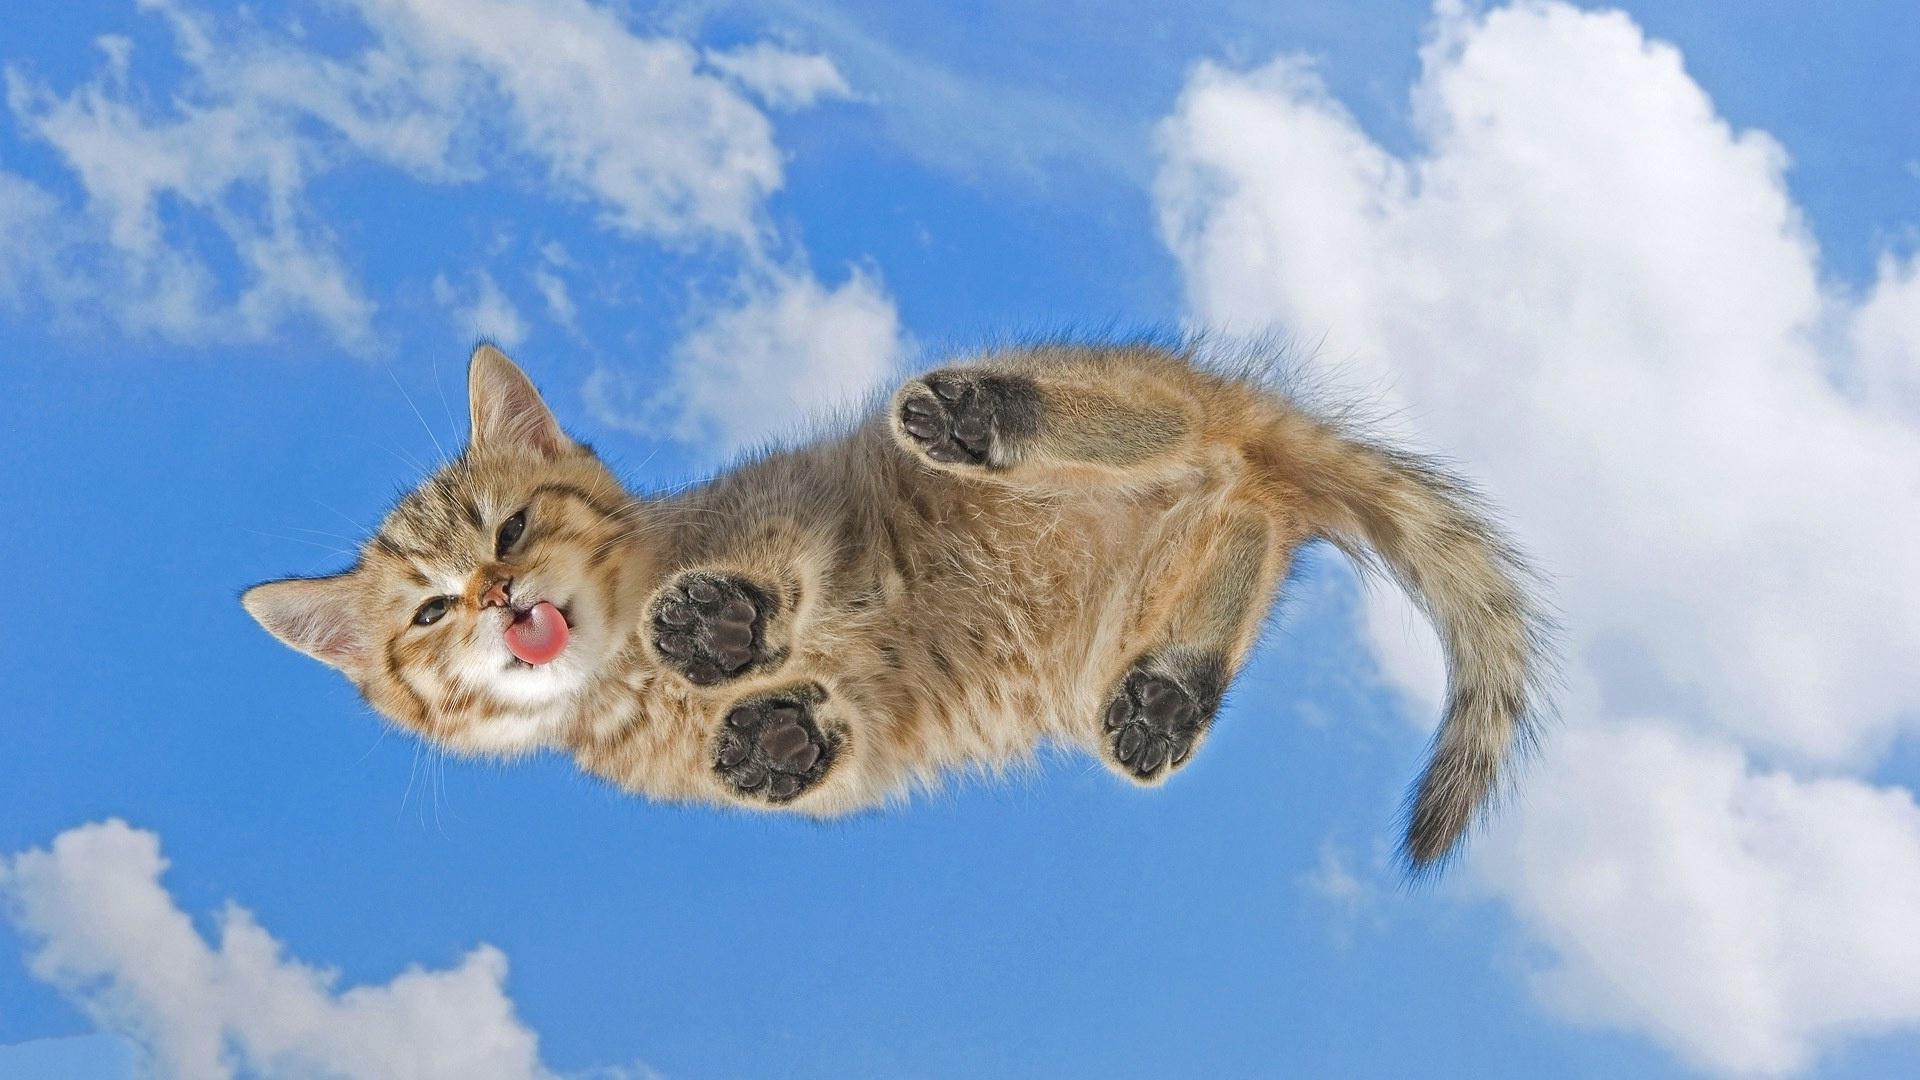 заставки на мобильник котёнок лижет-ви2